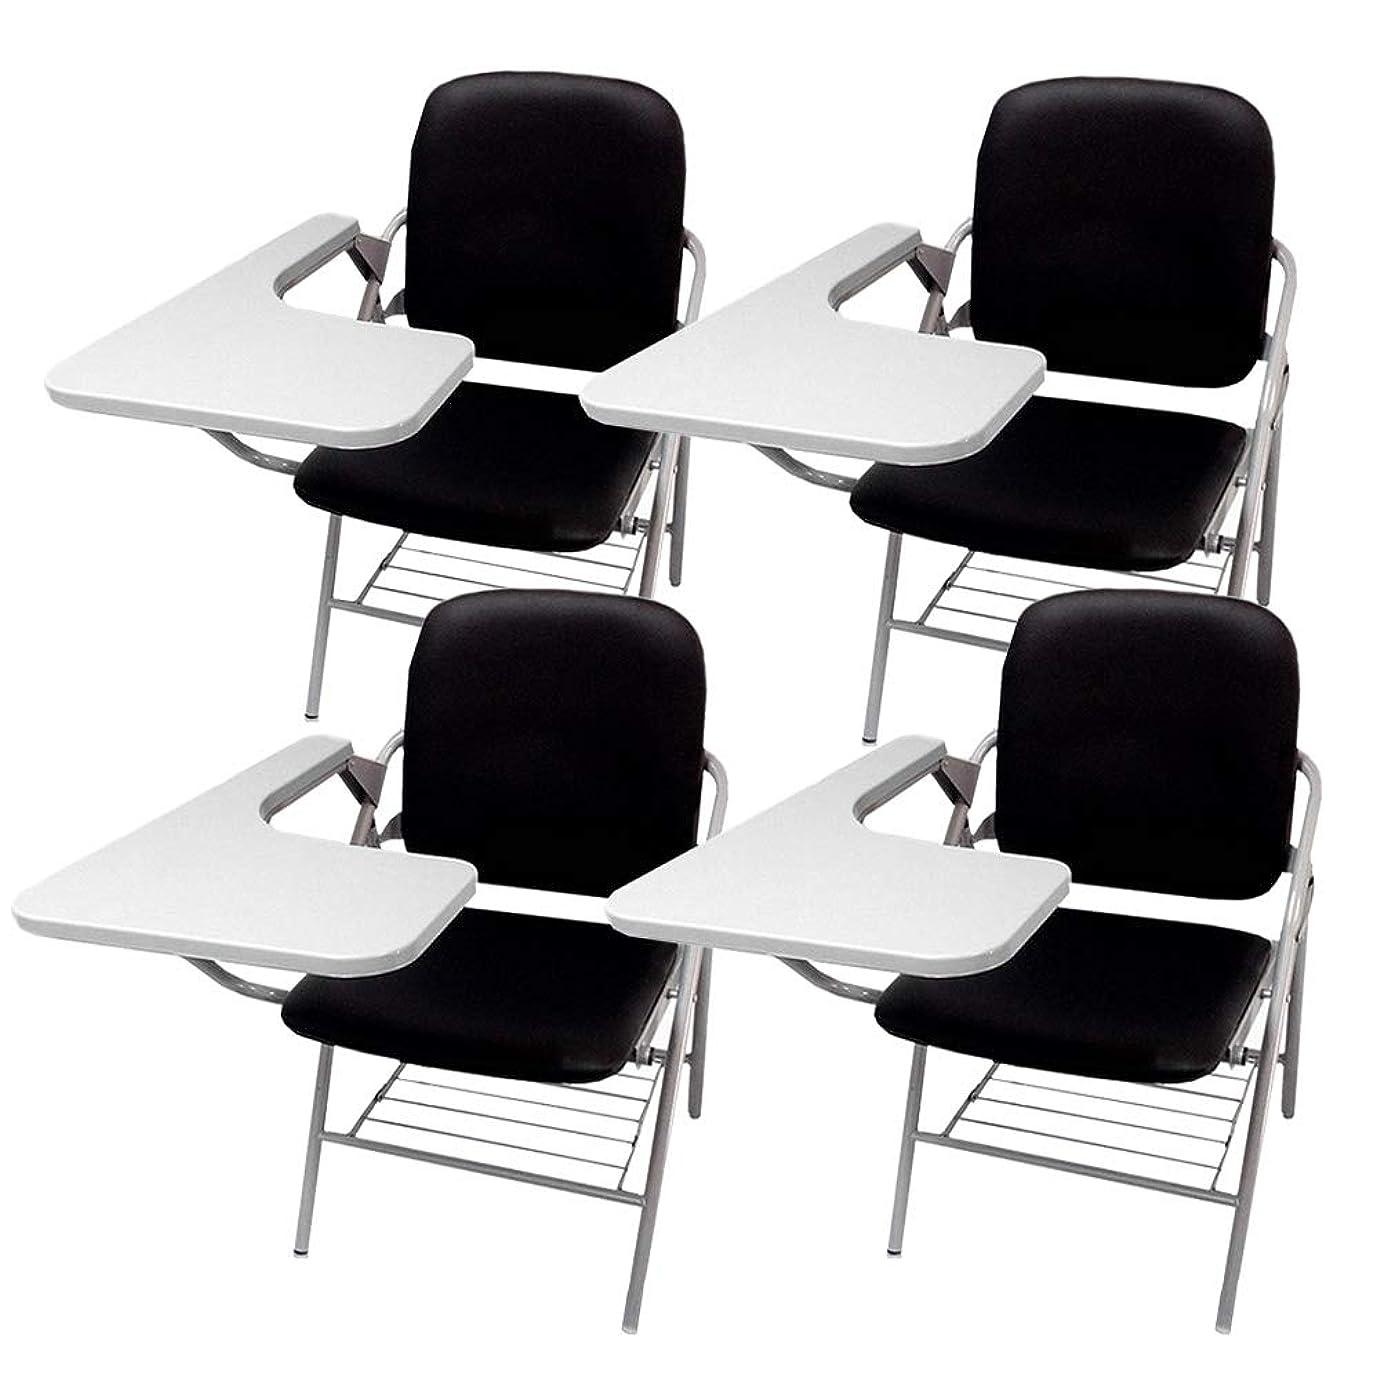 検索エンジンマーケティング高度不名誉折り畳み式 テーブル 付き イス クッション 付き メモ台付き 会議 収納 チェアブル2 パイプ椅子 パイプイス ミーティングチェア 椅子 一体型 チェア 柔らかい CHBLE02 (ブラックx4脚)